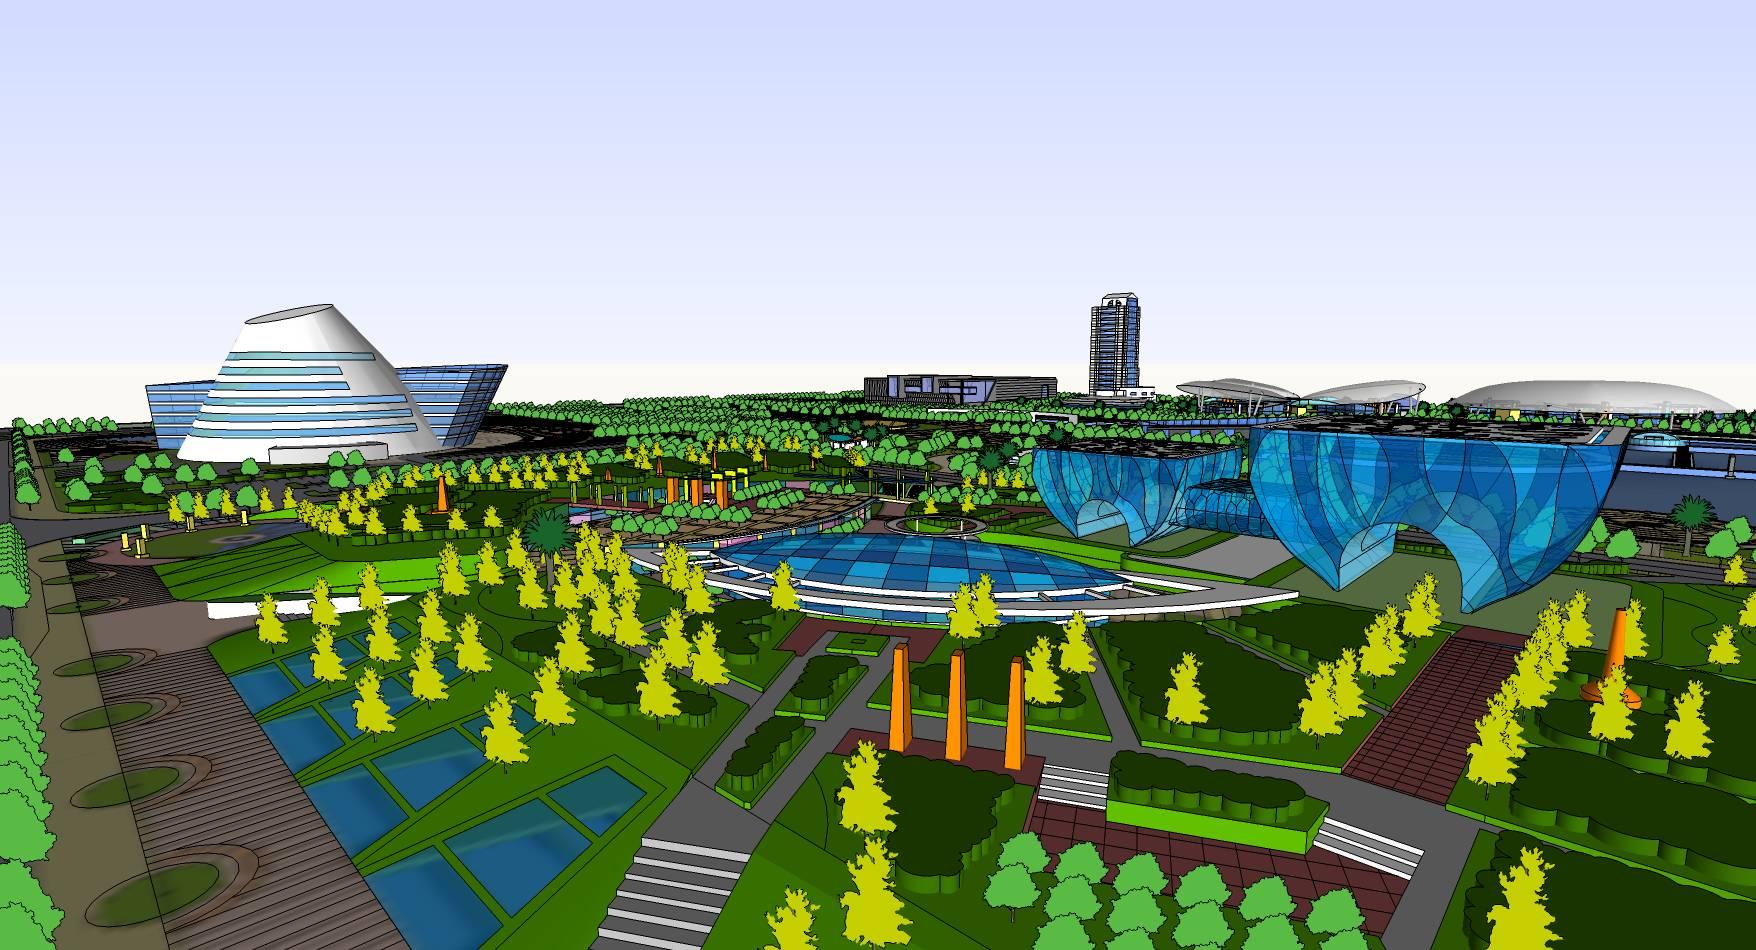 城市中心大型完整综合商业规划设计